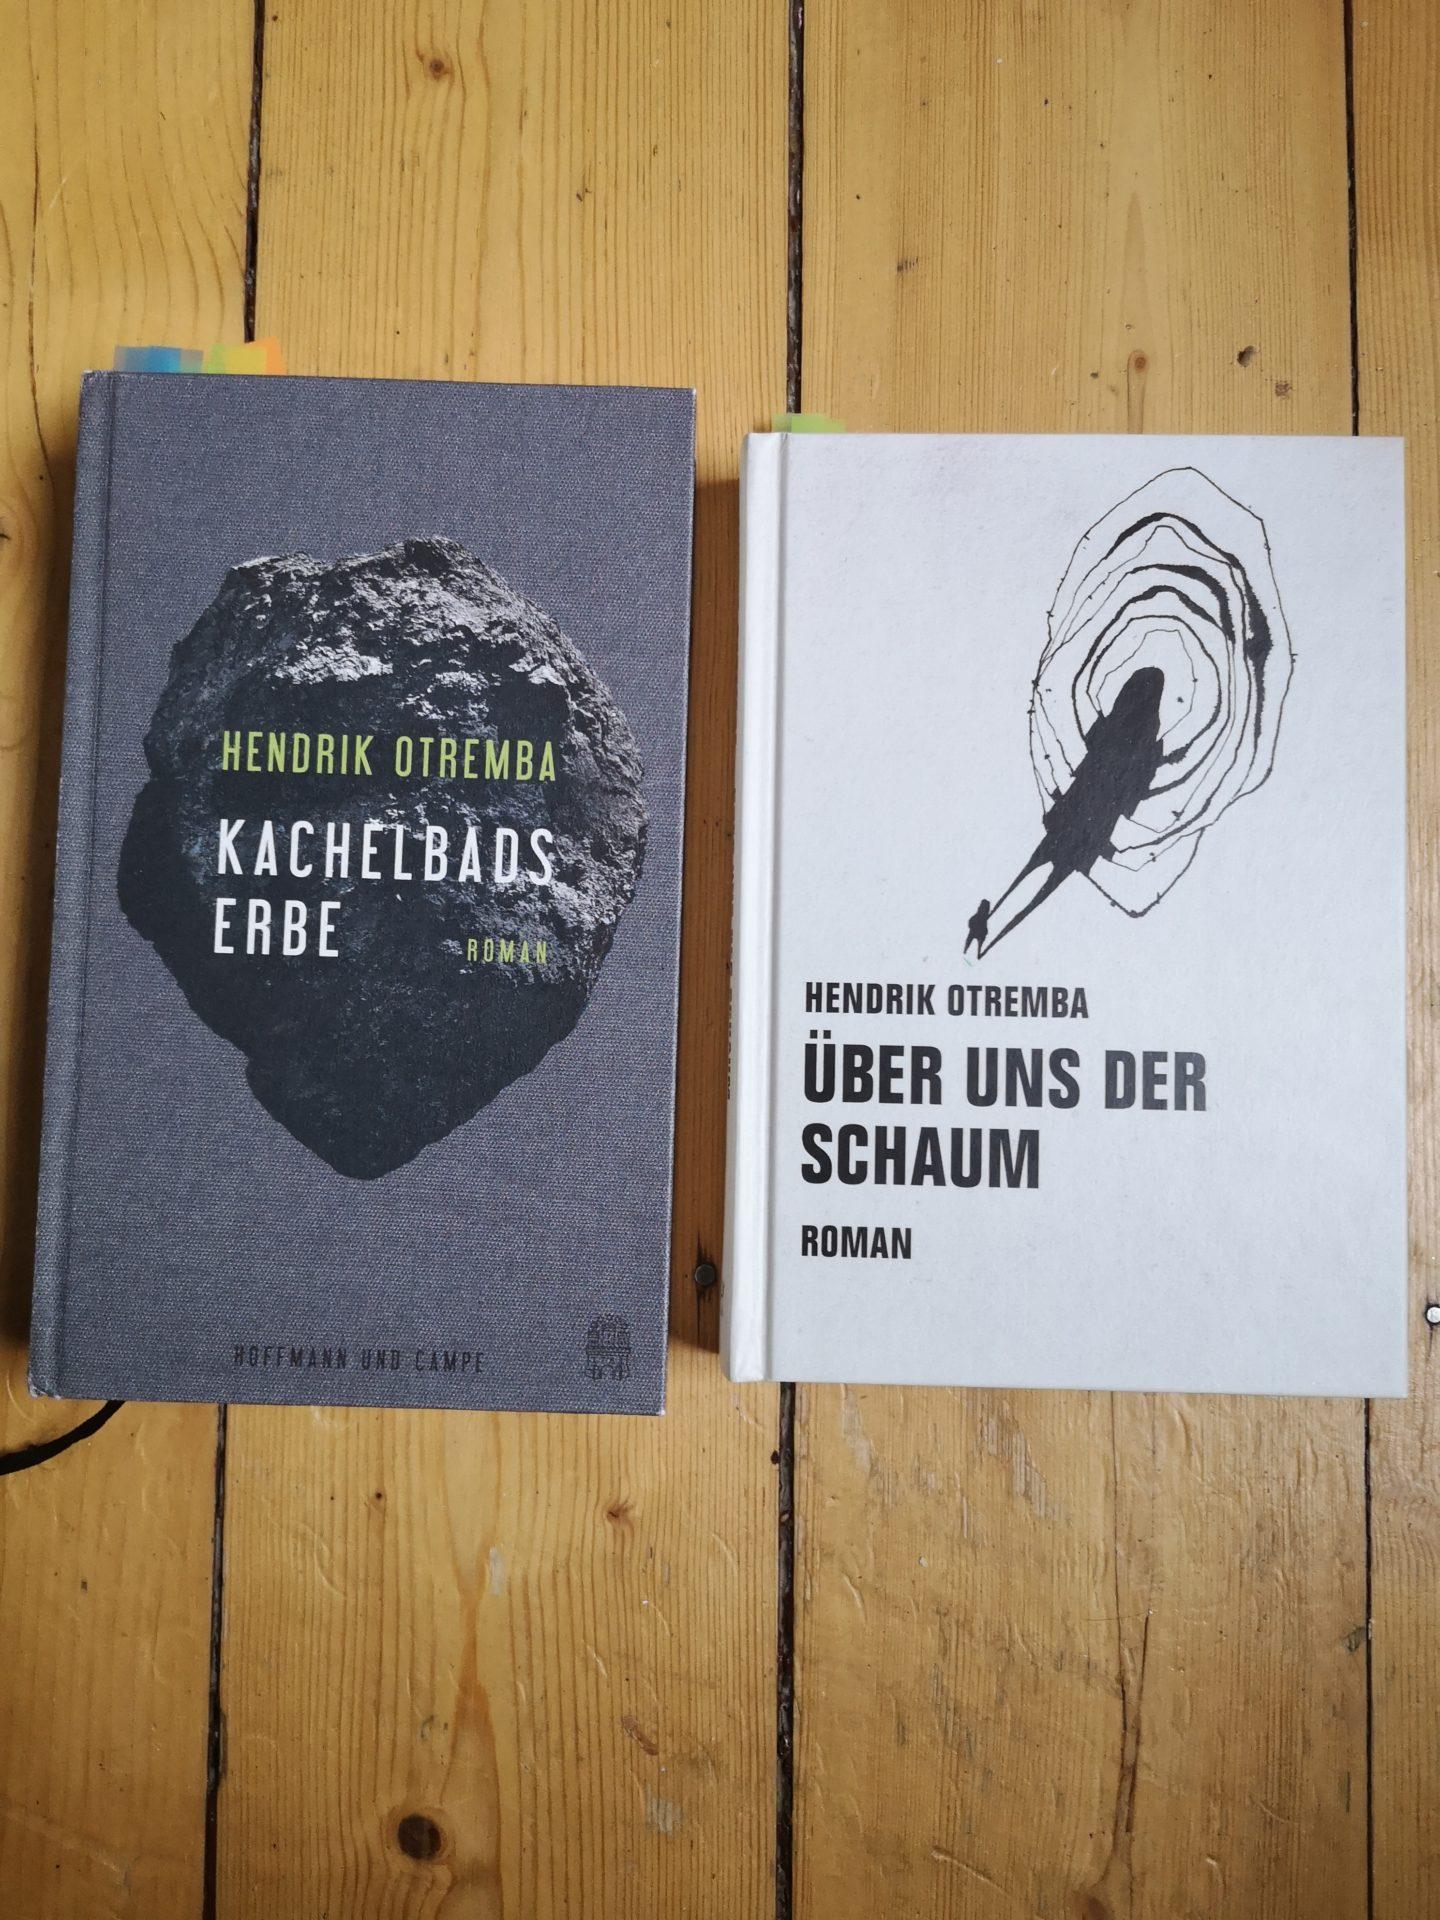 Musik trifft Literatur #2 - Interview mit Hendrik Otremba 2